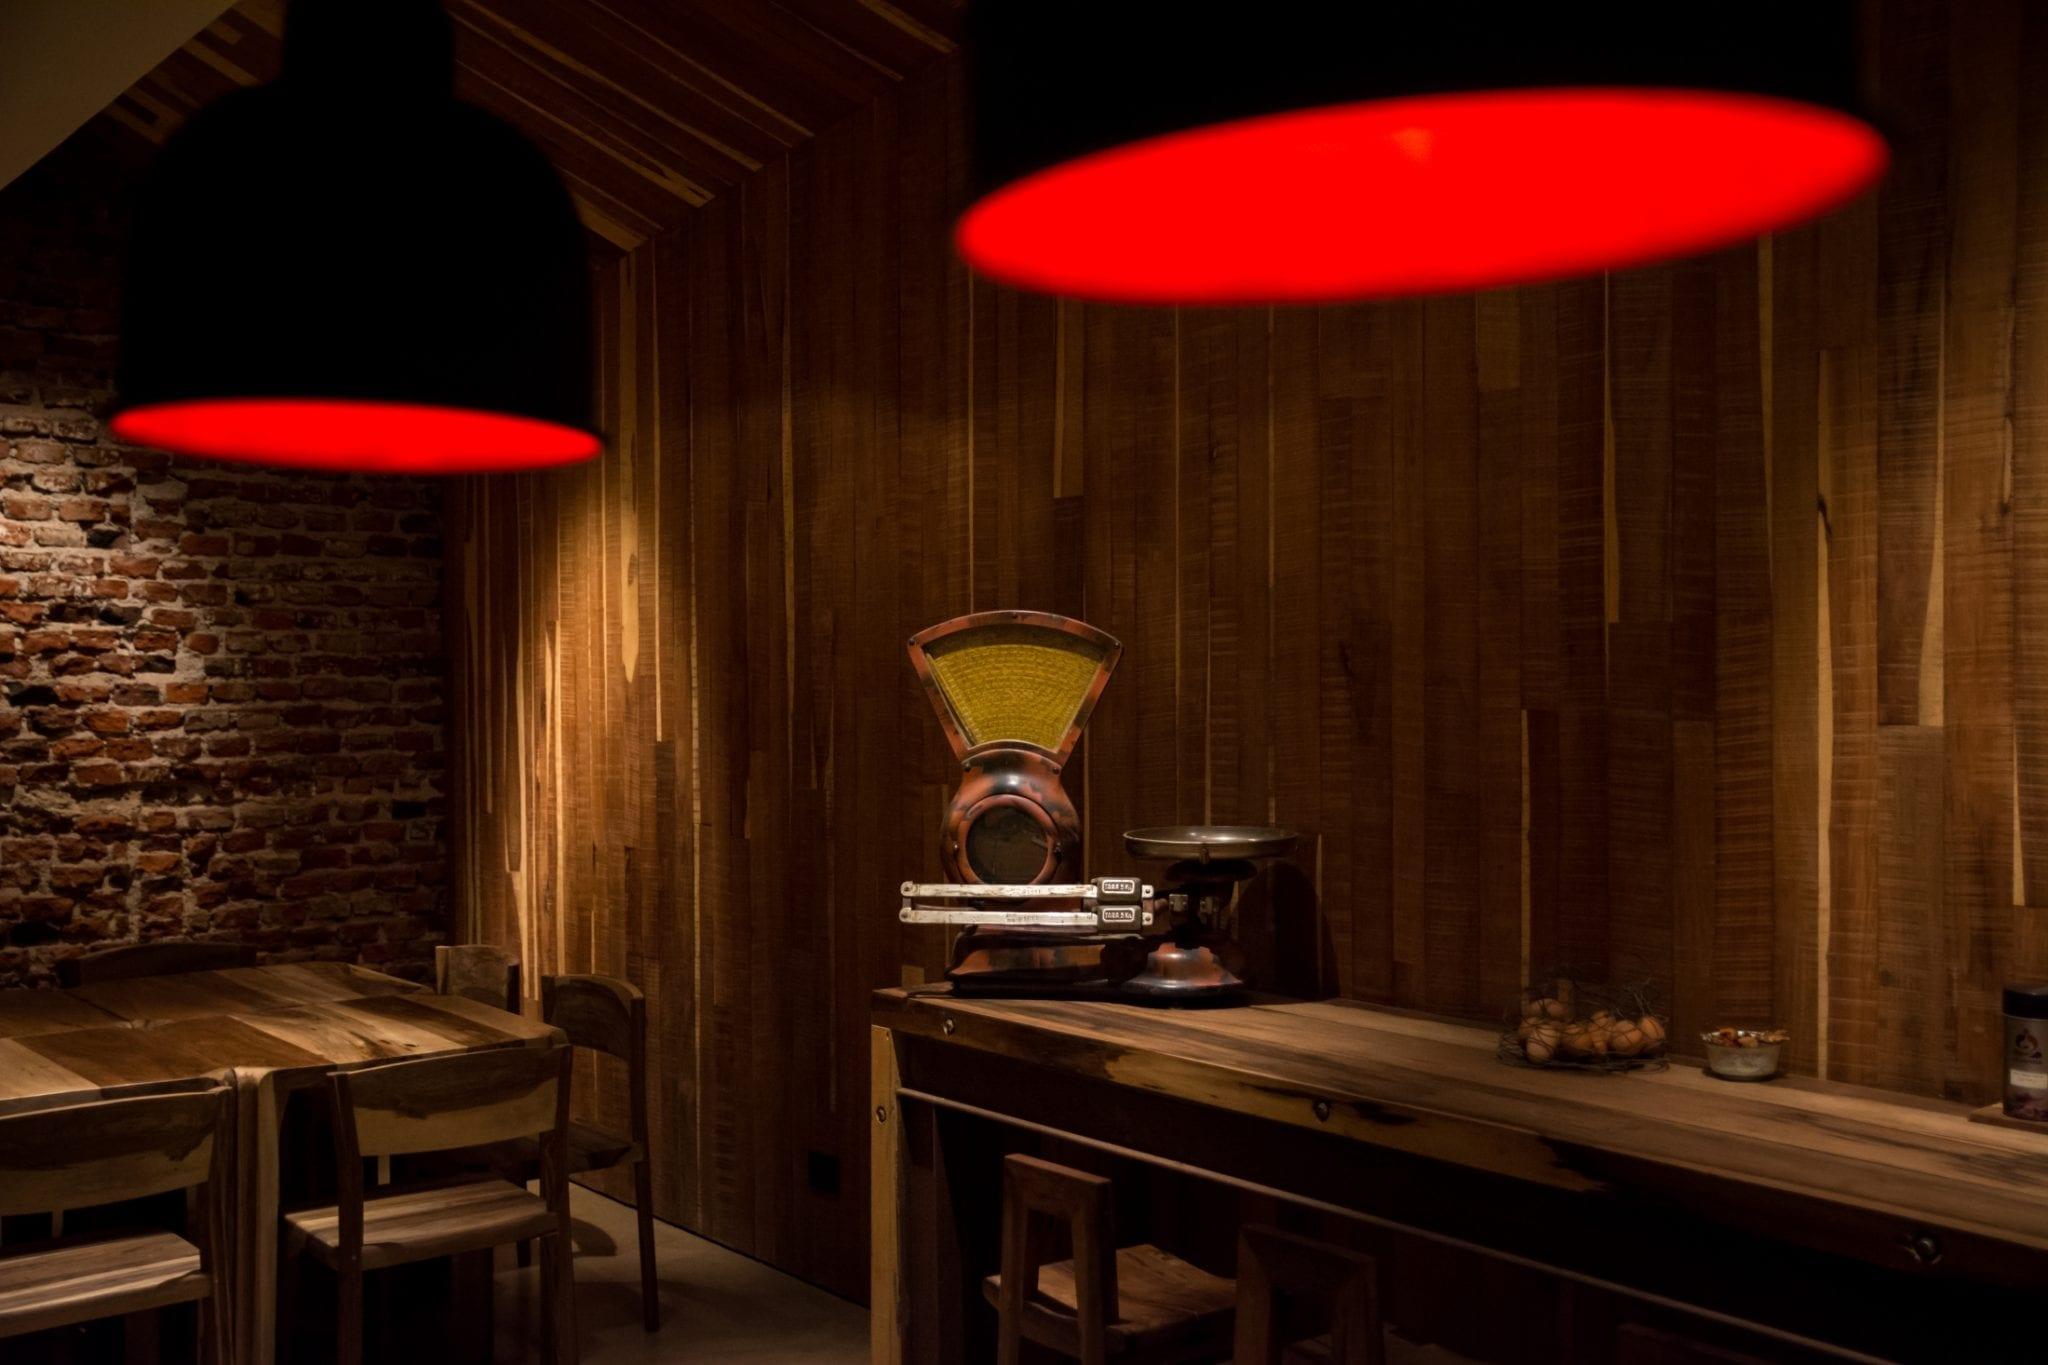 Revista Estilo Propio Arquitectura Y Dise O Arte Y Decoracion # Casa Hestia Muebles